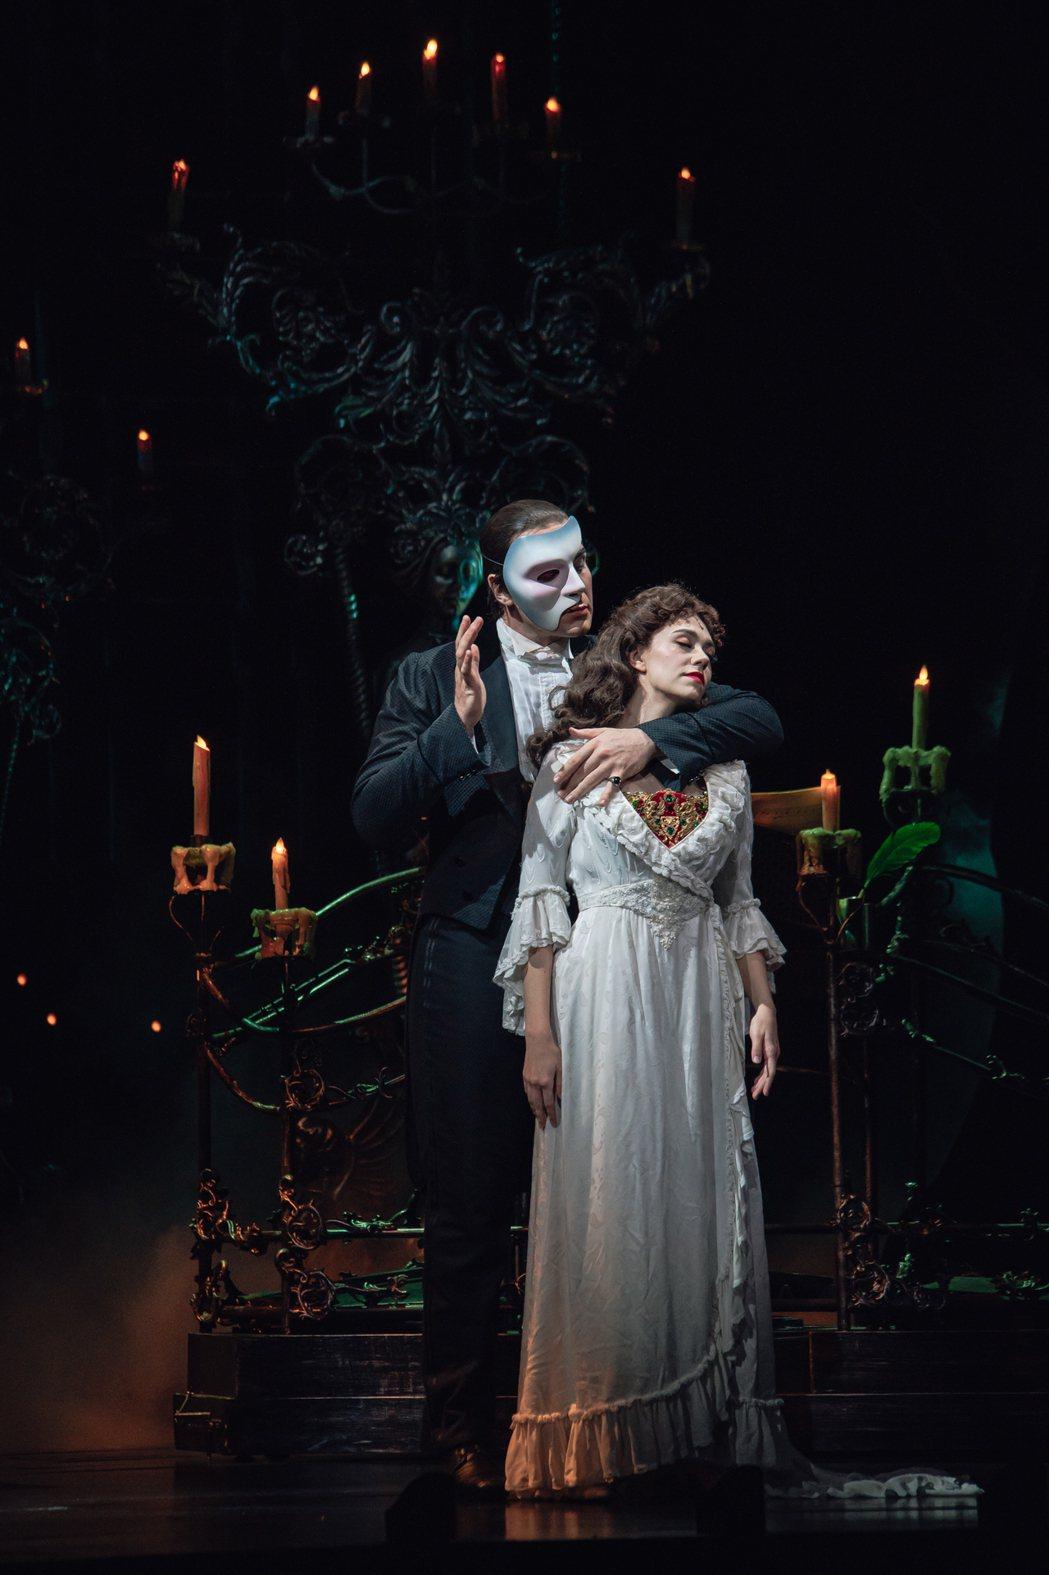 經典舞台劇「歌劇魅影」19日在台正式開演,並進行總彩排,男主角強納森羅克茅斯(右...